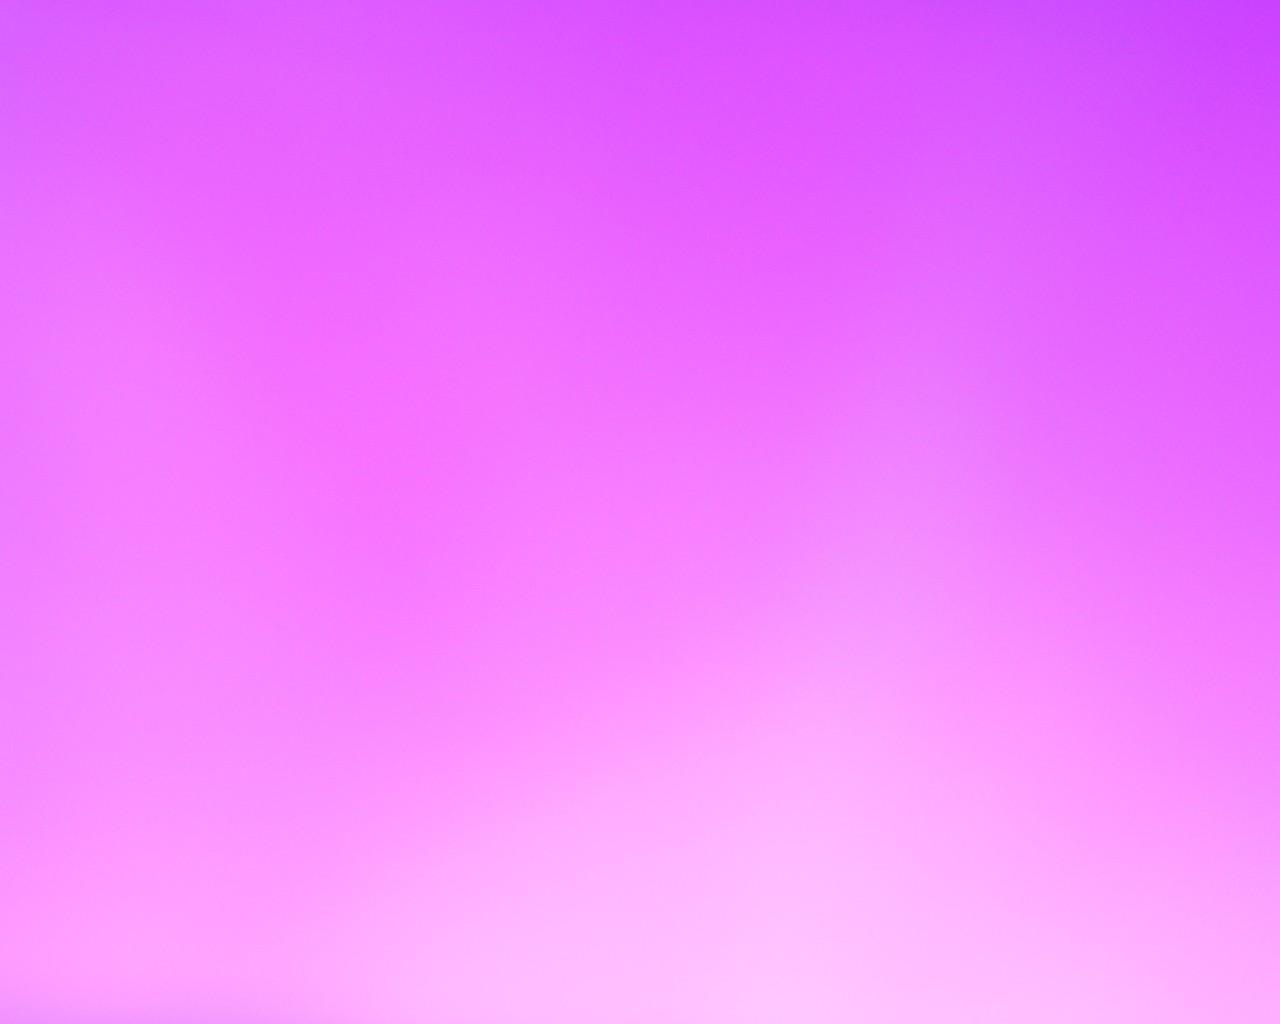 http://1280x1024.free.fr/fond-ecran/fond-ecran/couleur-rose.jpg